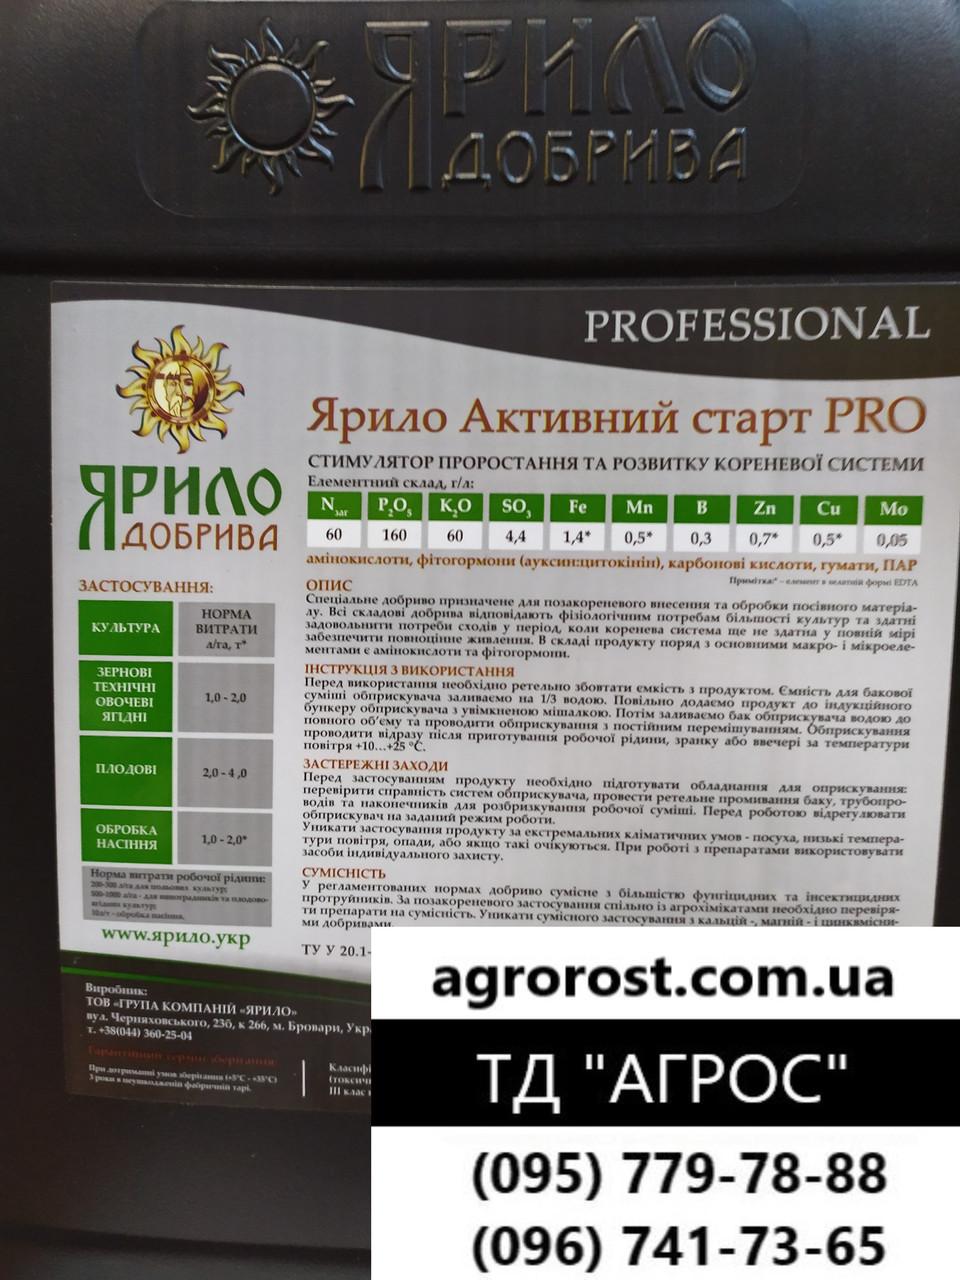 Стимулятор Роста АКТИВНЫЙ СТАРТ для обработки семян КУКУРУЗЫ перед посевом с гуматами